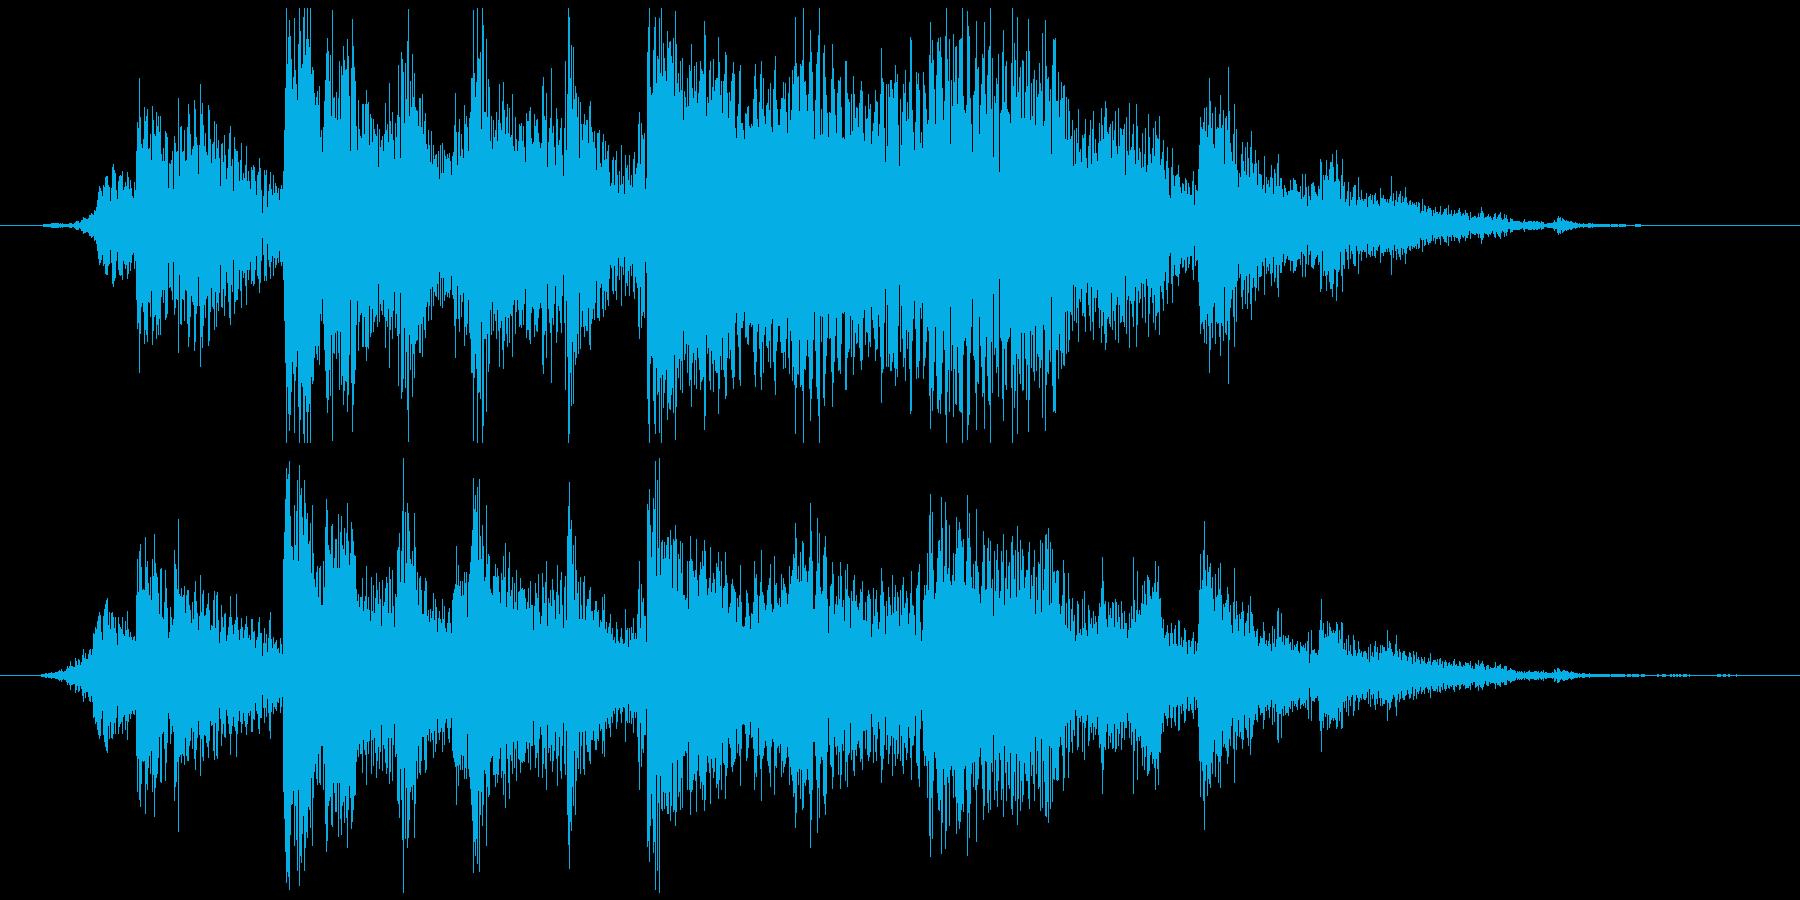 本坪鈴。神社、寺の大鈴。カラン+カラカラの再生済みの波形